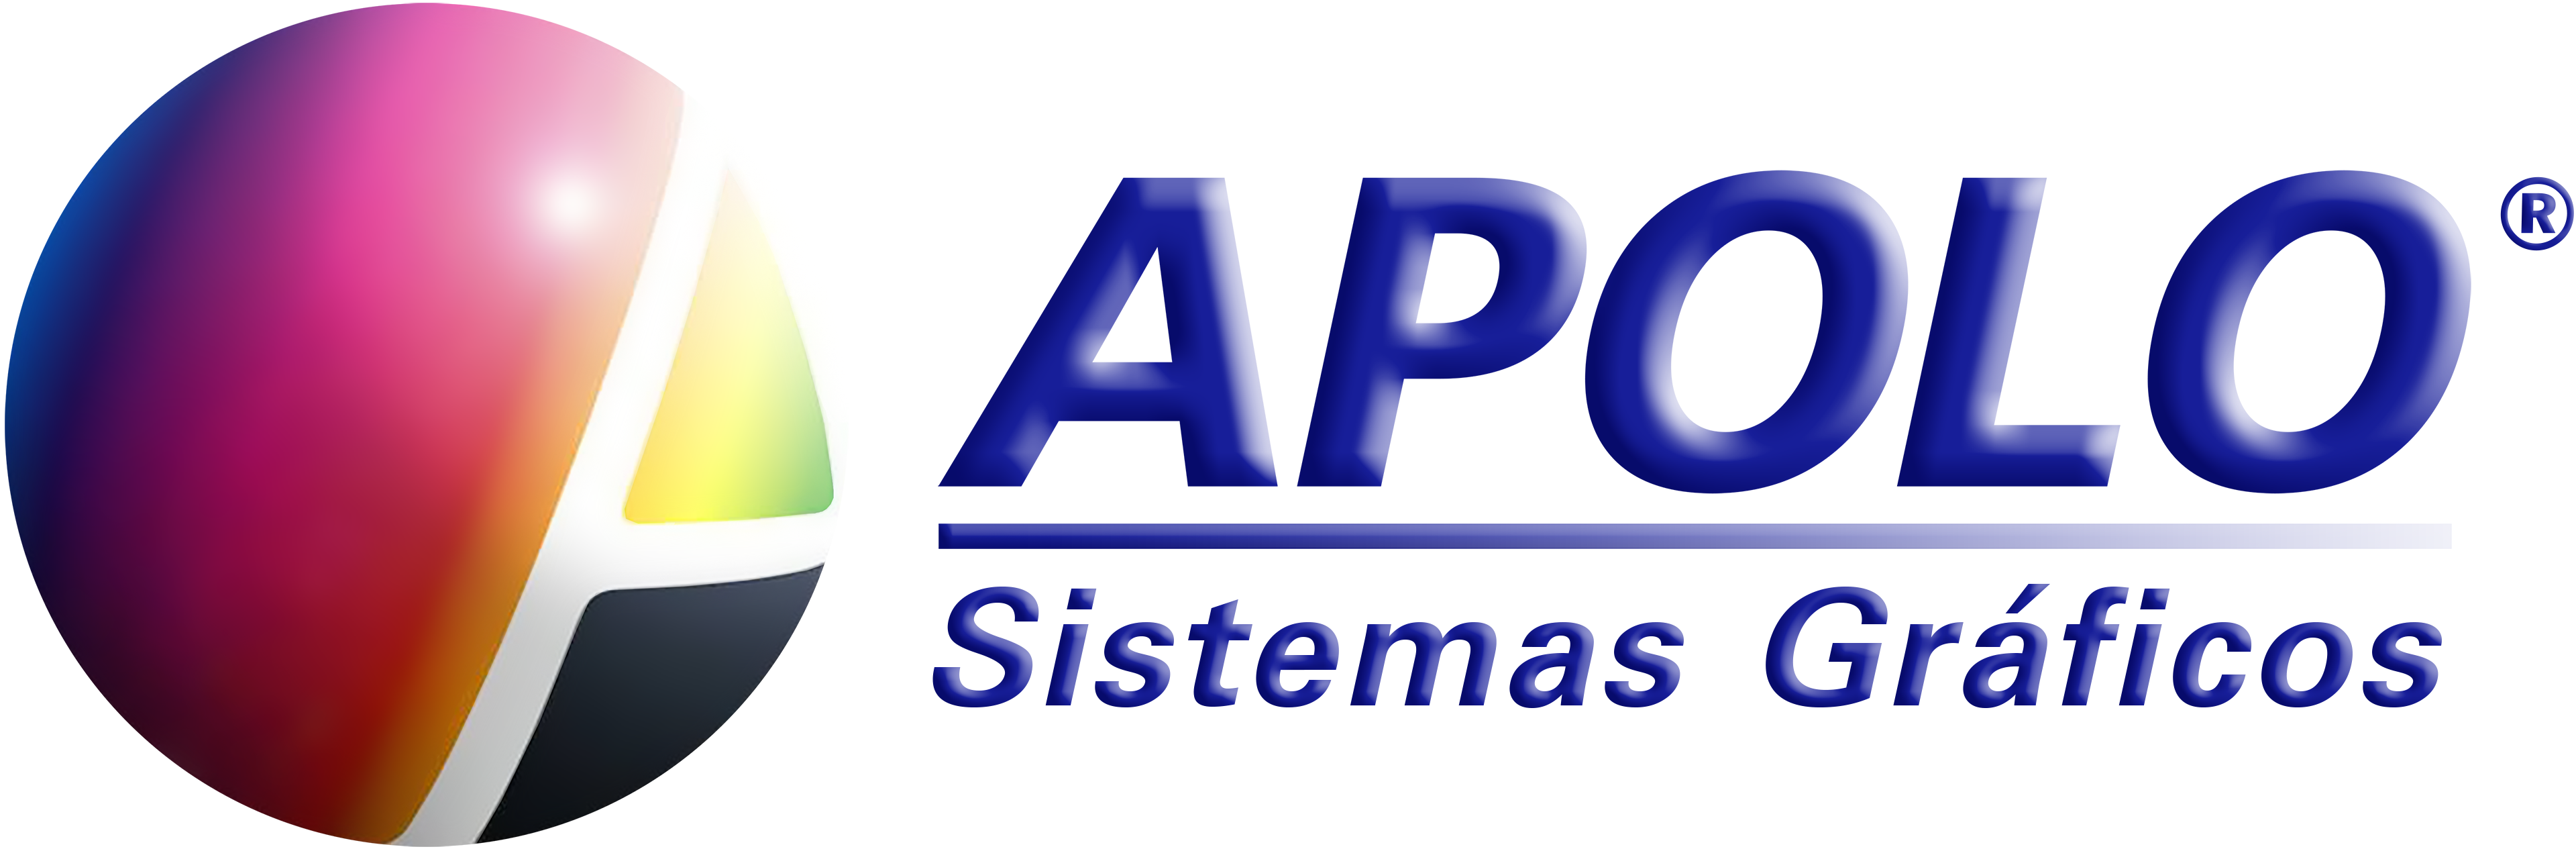 Apolo Sistemas Gráficos